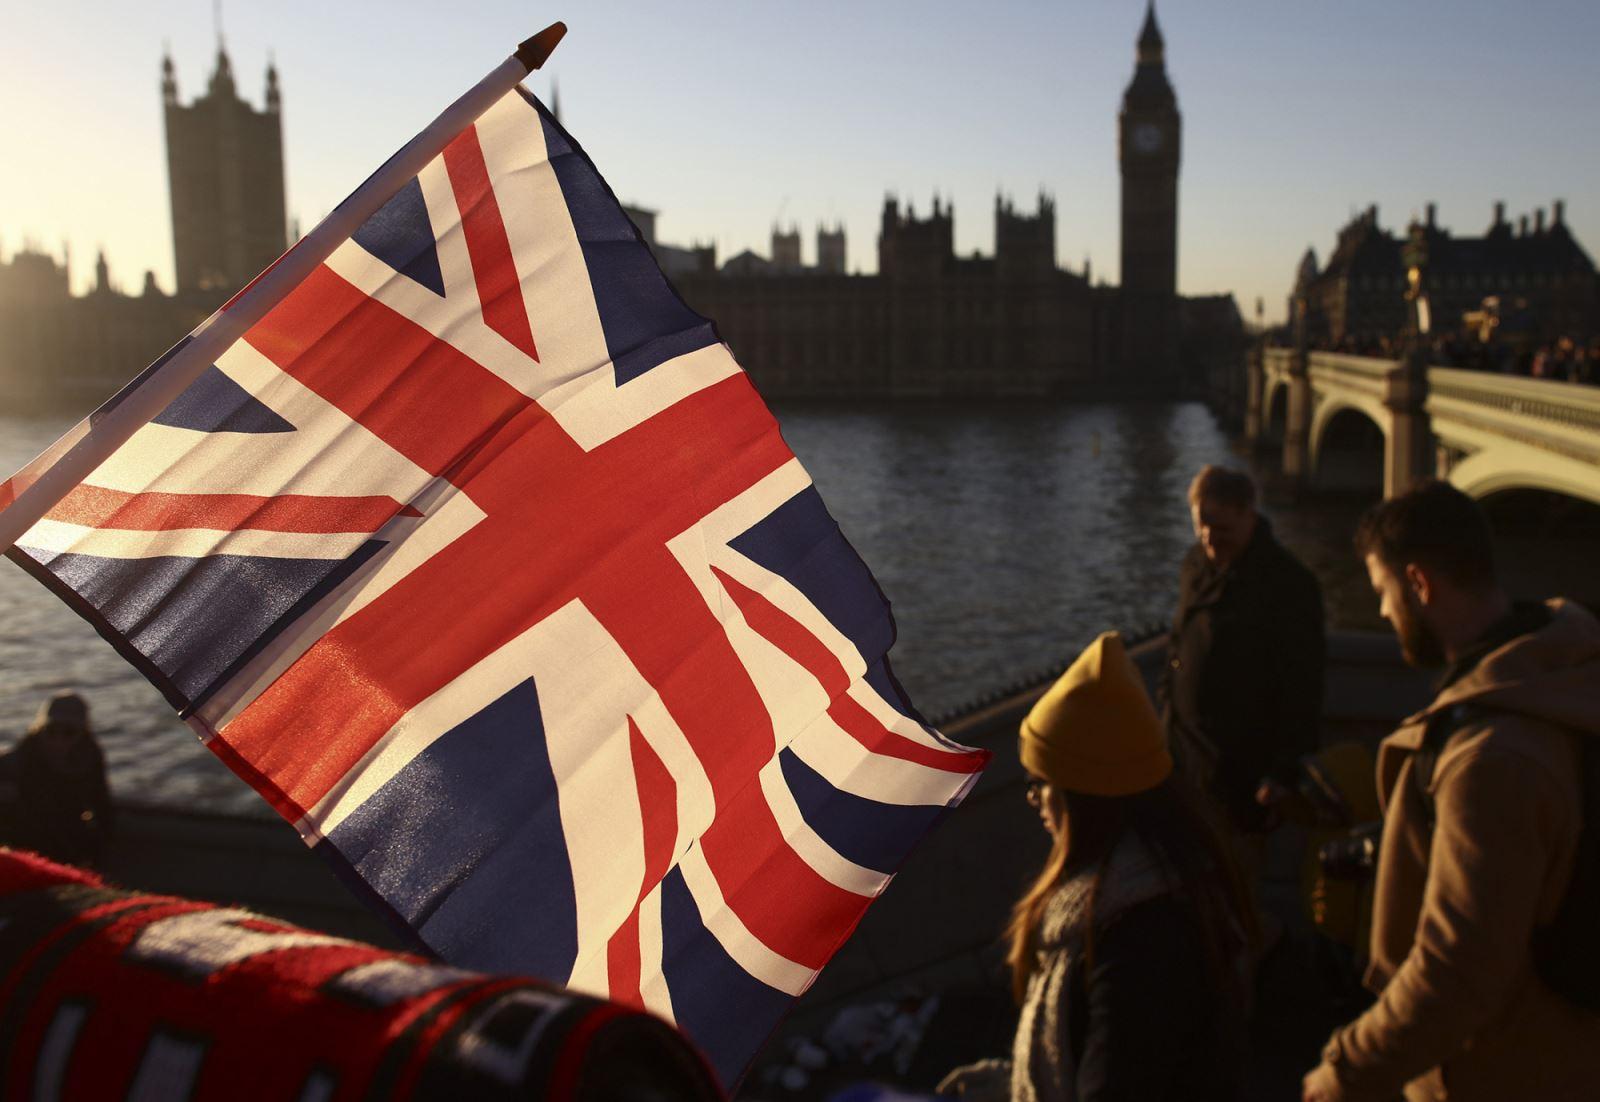 英国关于脱欧的争论日益胶着,各党派之间的斗争也愈发激烈